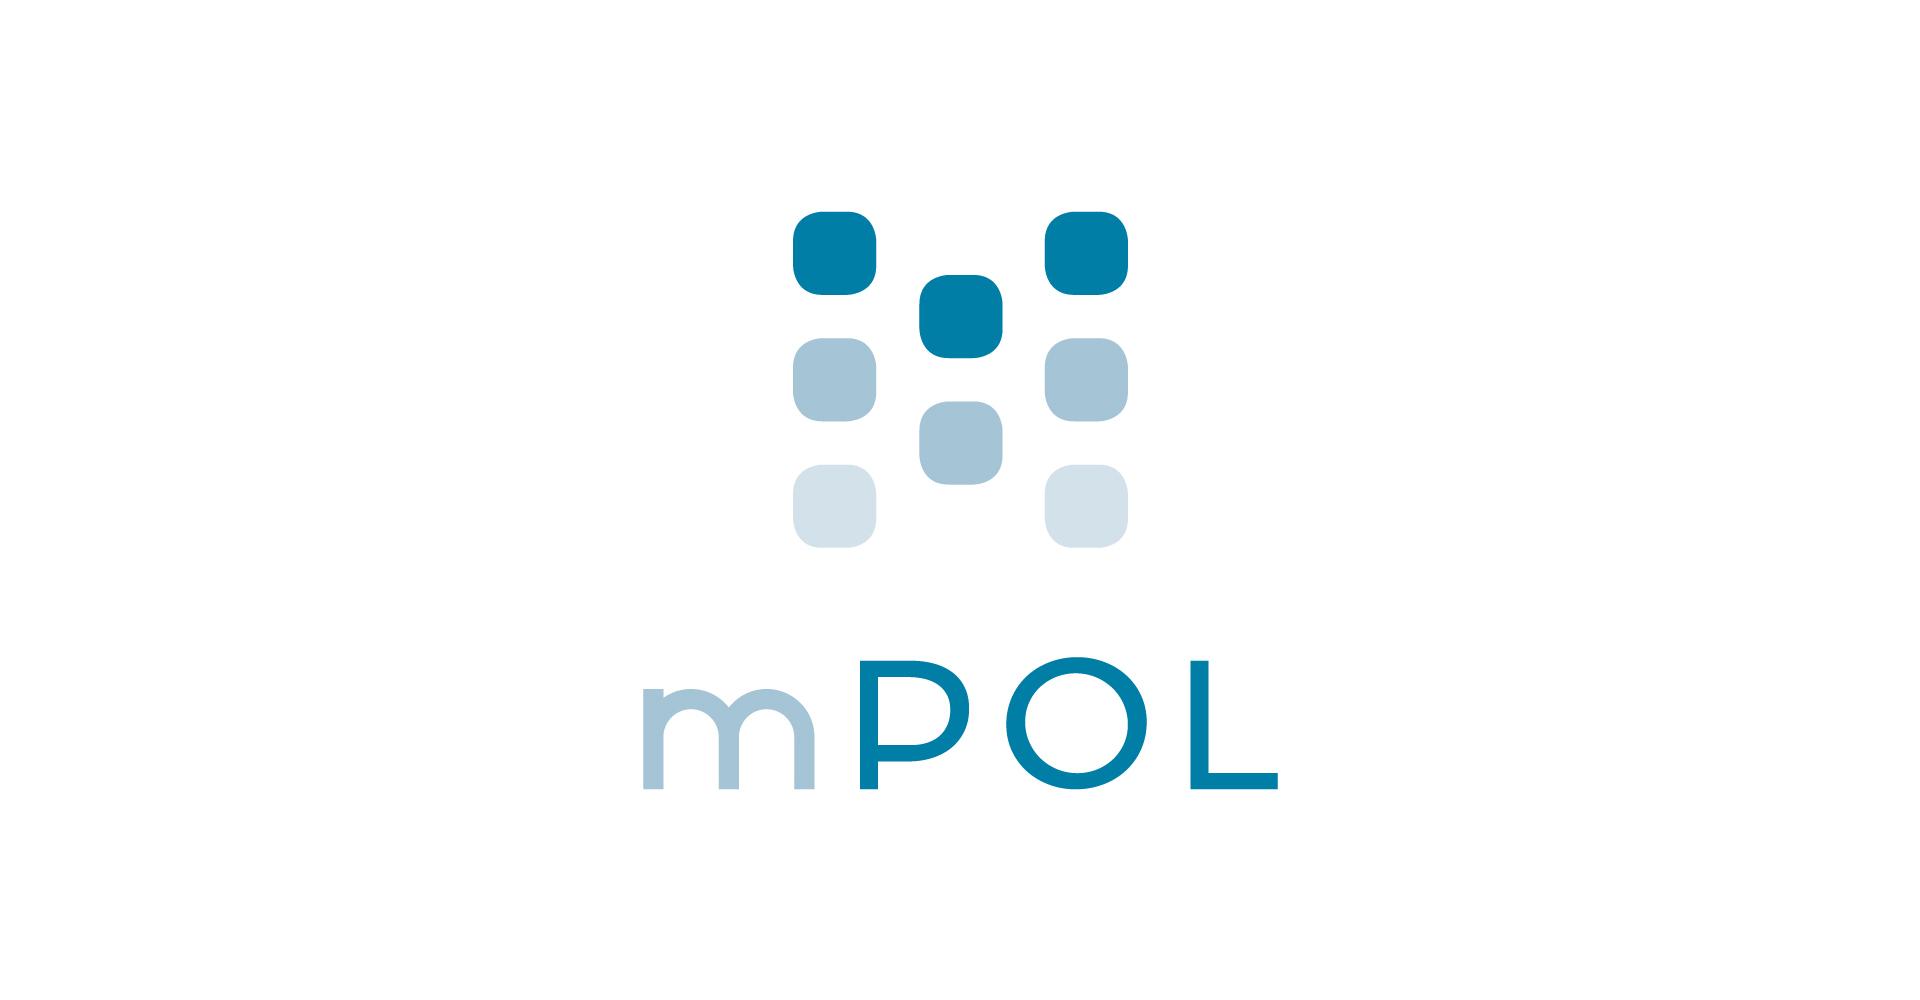 mPOL Logo-Design für mobiles Werkzeug für die Polizei des Landes Mecklenburg-Vorpommern im Streifendienst